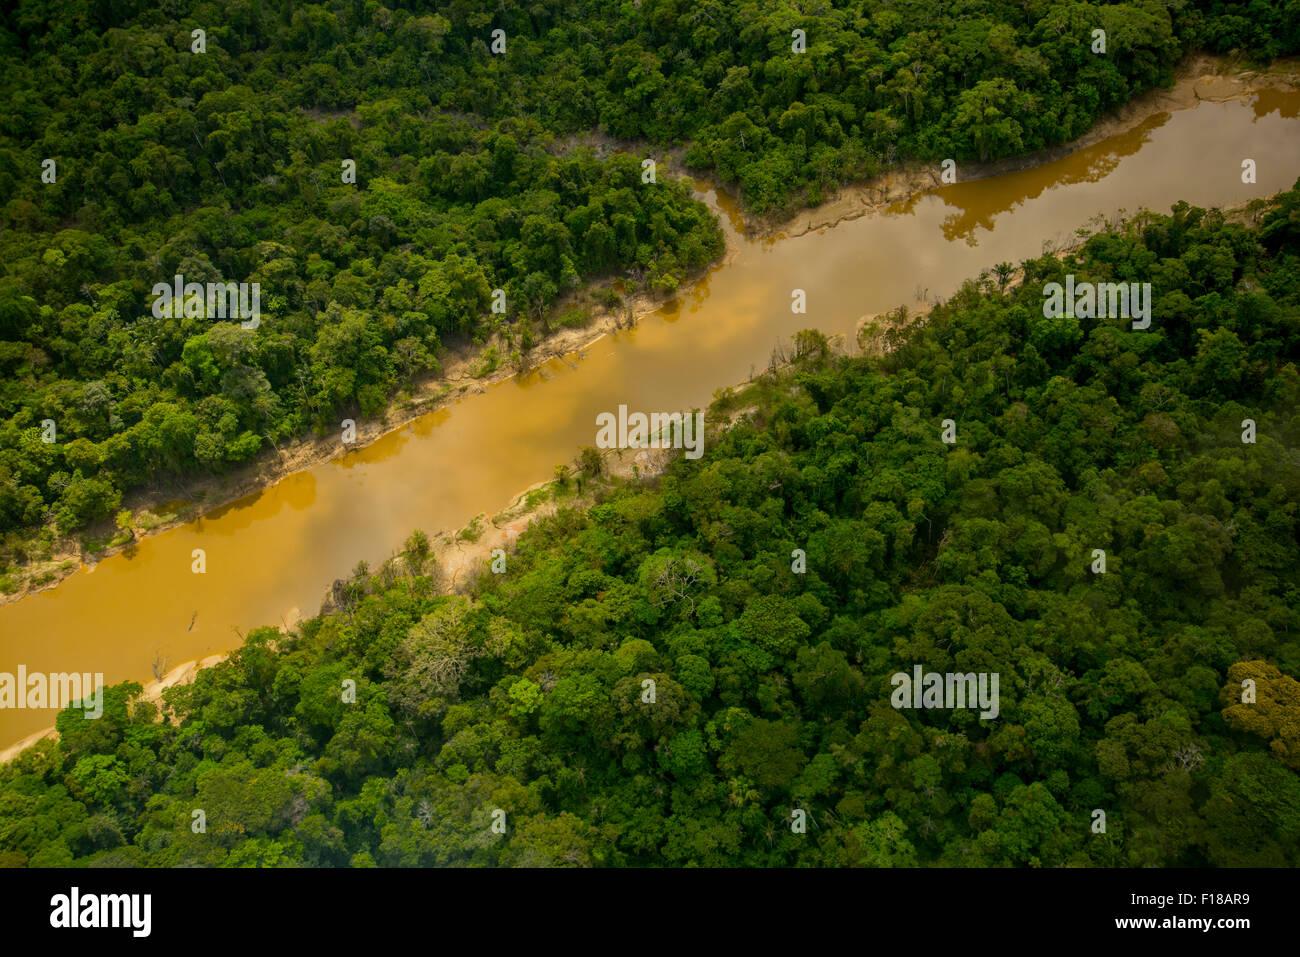 Amazon Rainforest aerial. La forêt primaire, la rivière Yavari Miri, entre Iquitos, Pérou et frontière Photo Stock